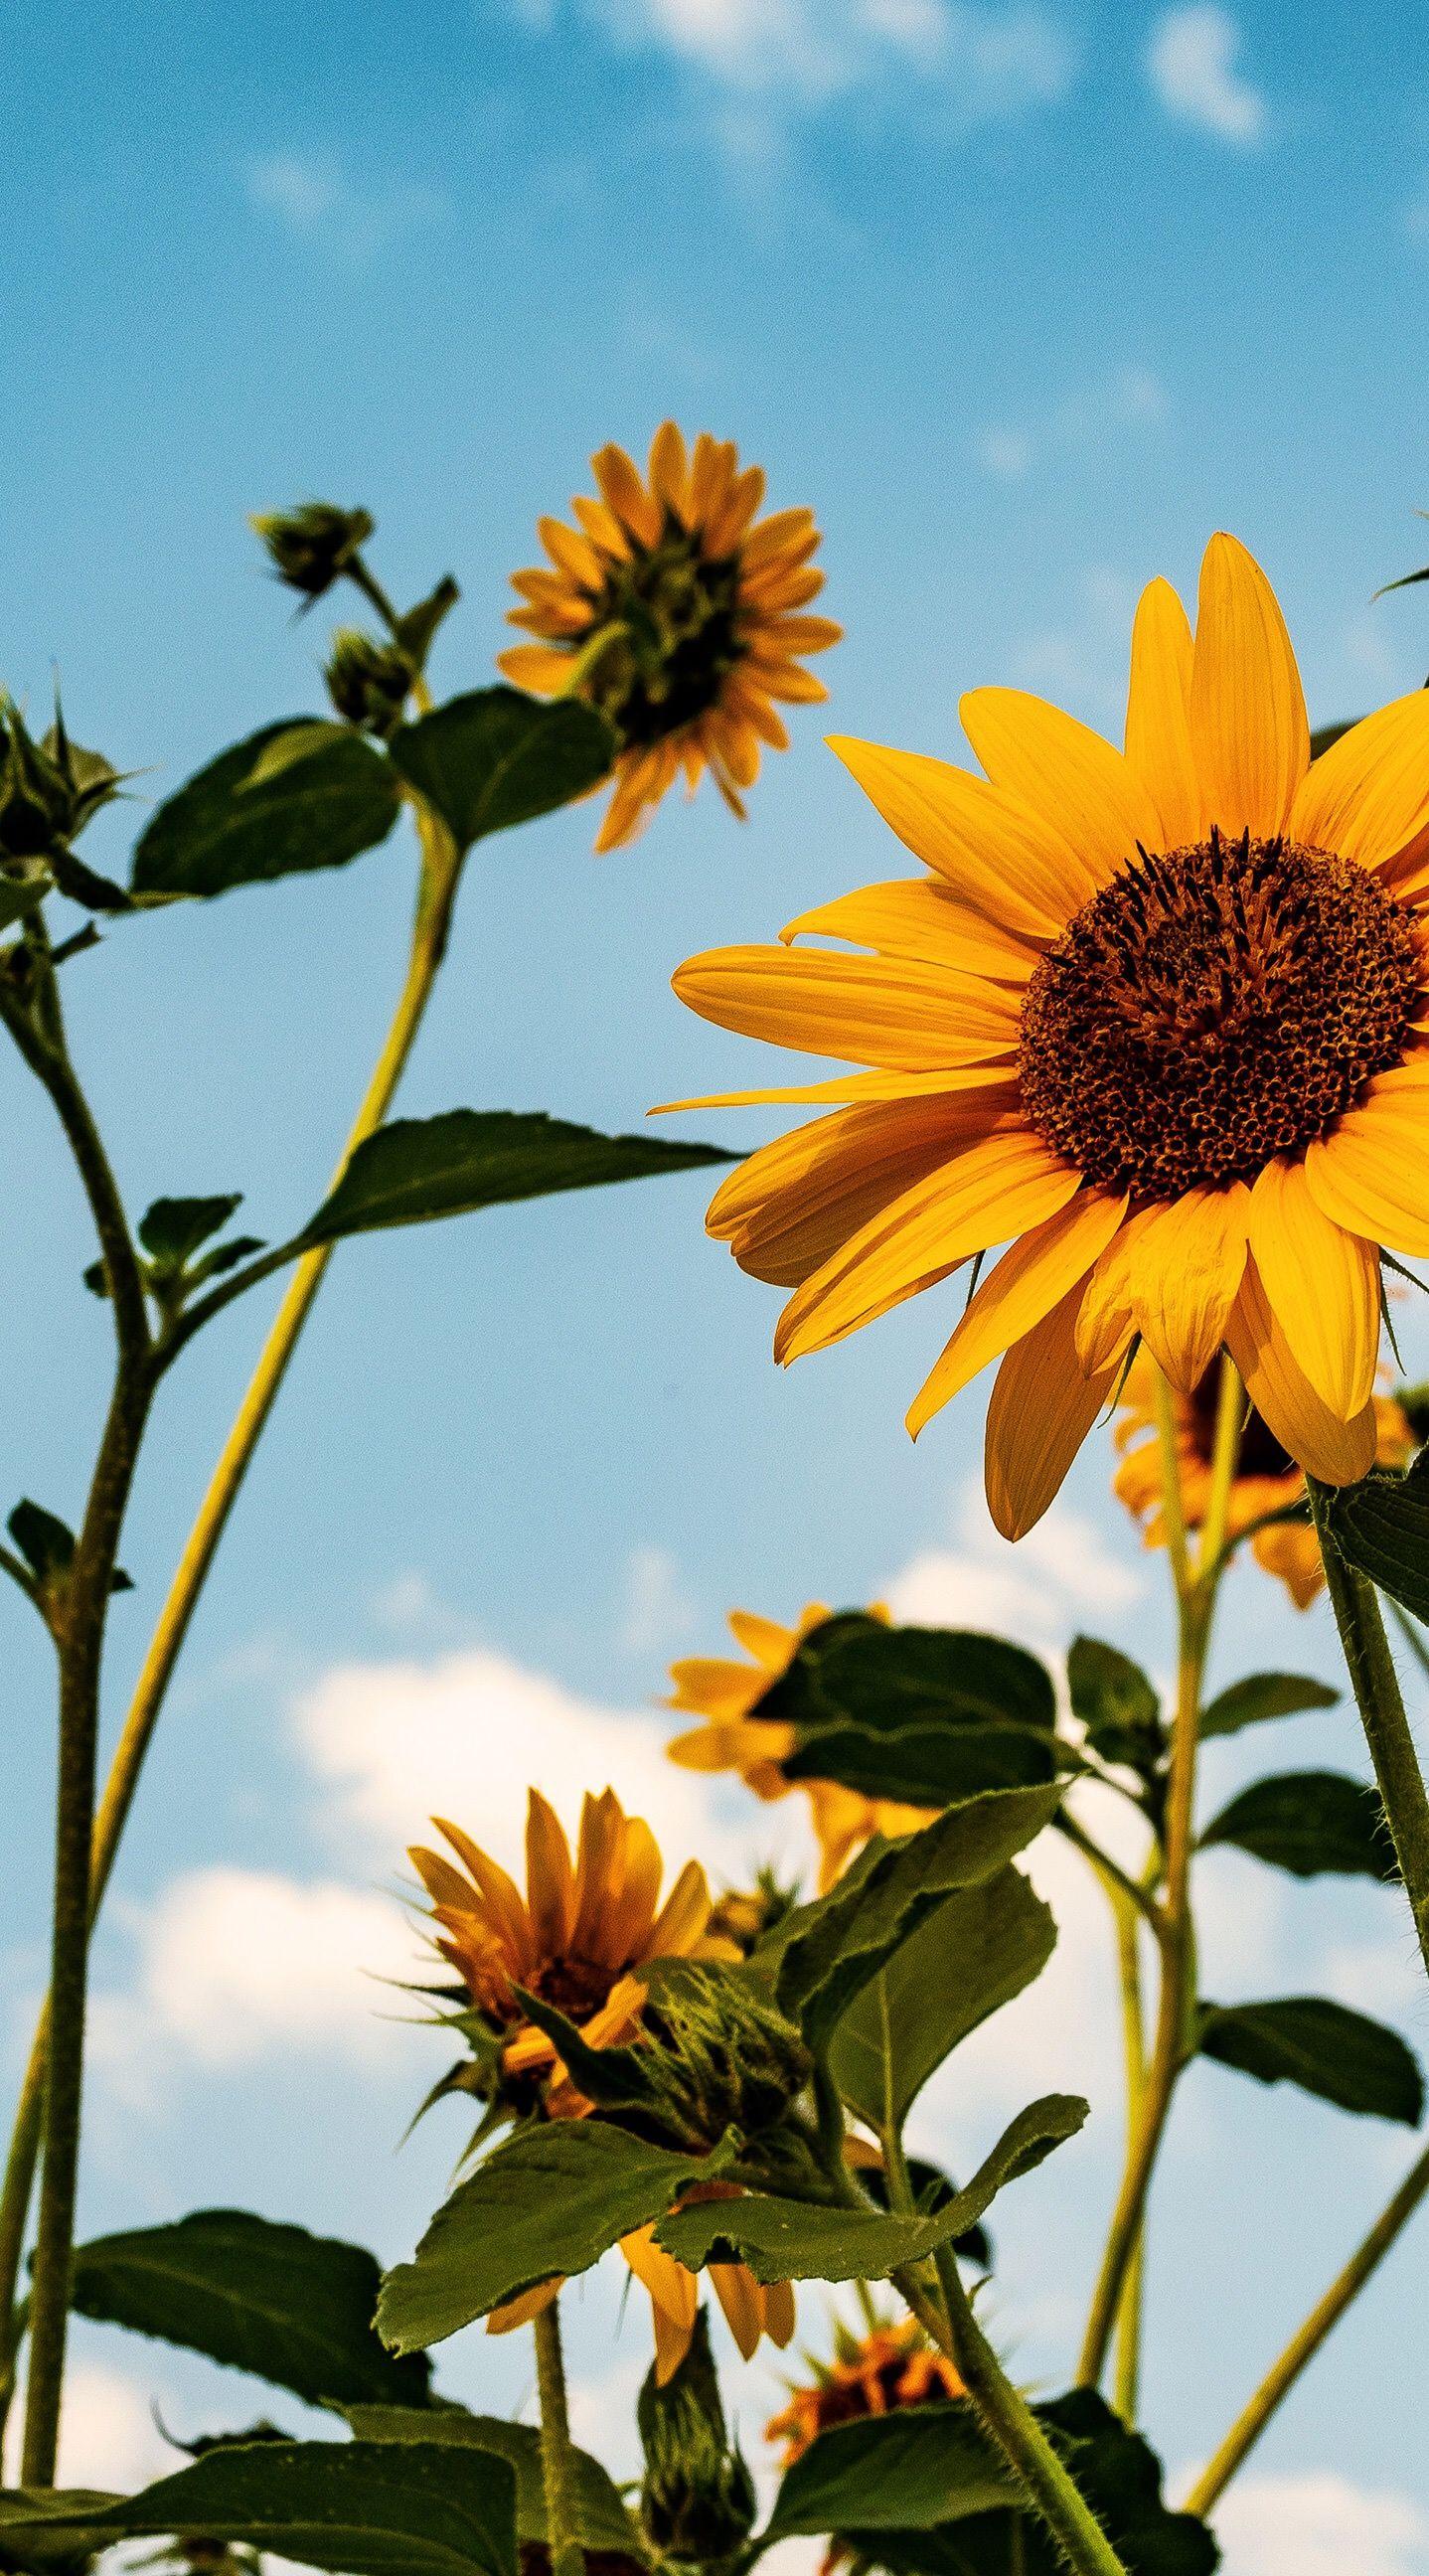 Sunflower Sunflower wallpaper, Aesthetic wallpapers